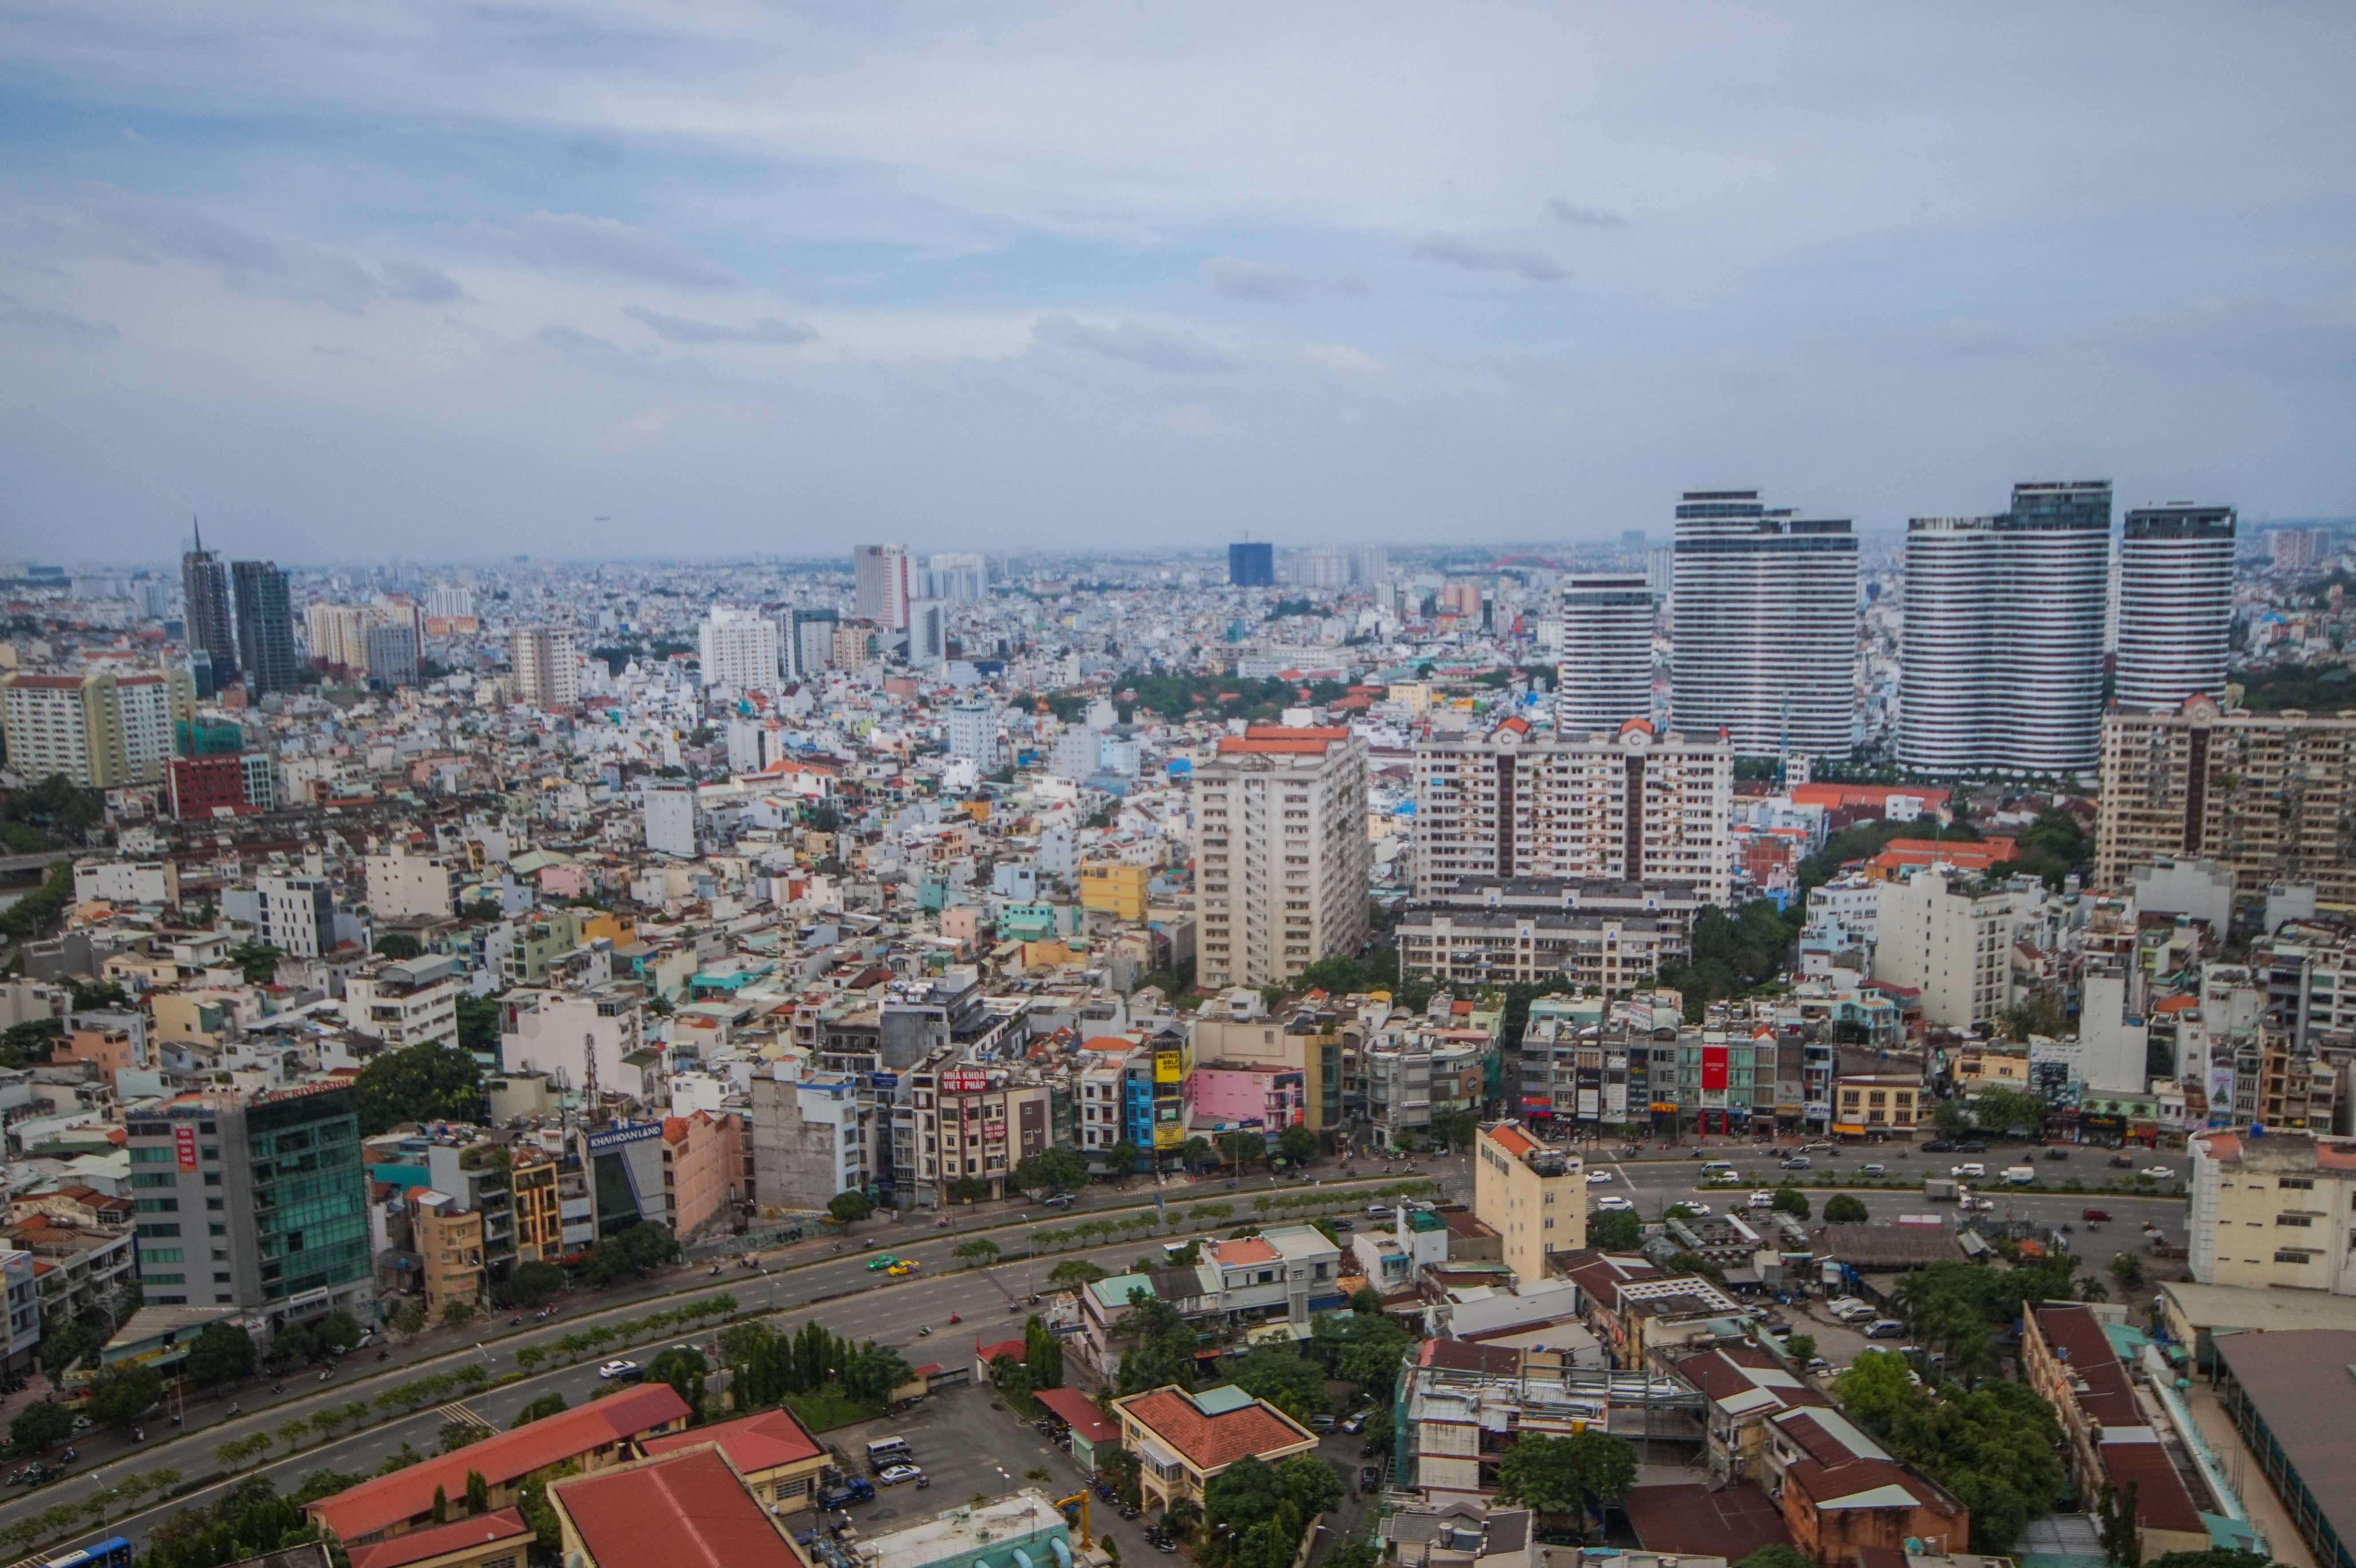 Cho Thuê Căn hộ 2 PN Vinhomes Golden River - Nội Thất Cơ Bản & Tràn Ngập Ánh Sáng-14